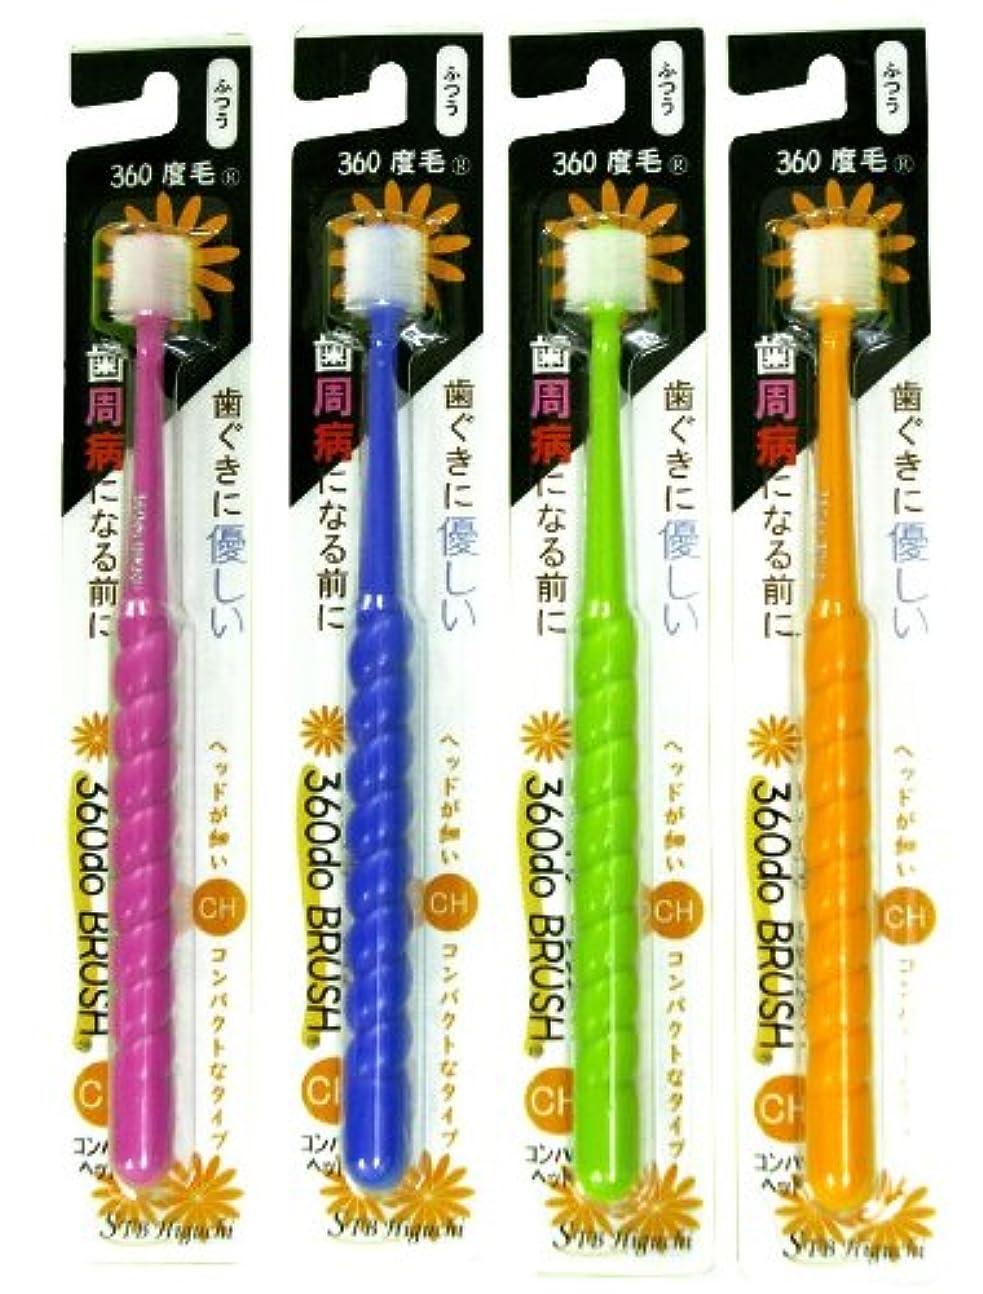 スイングシャベル宝360度歯ブラシ 360do BRUSH コンパクトヘッド(CH)(カラーは1色おまかせ)